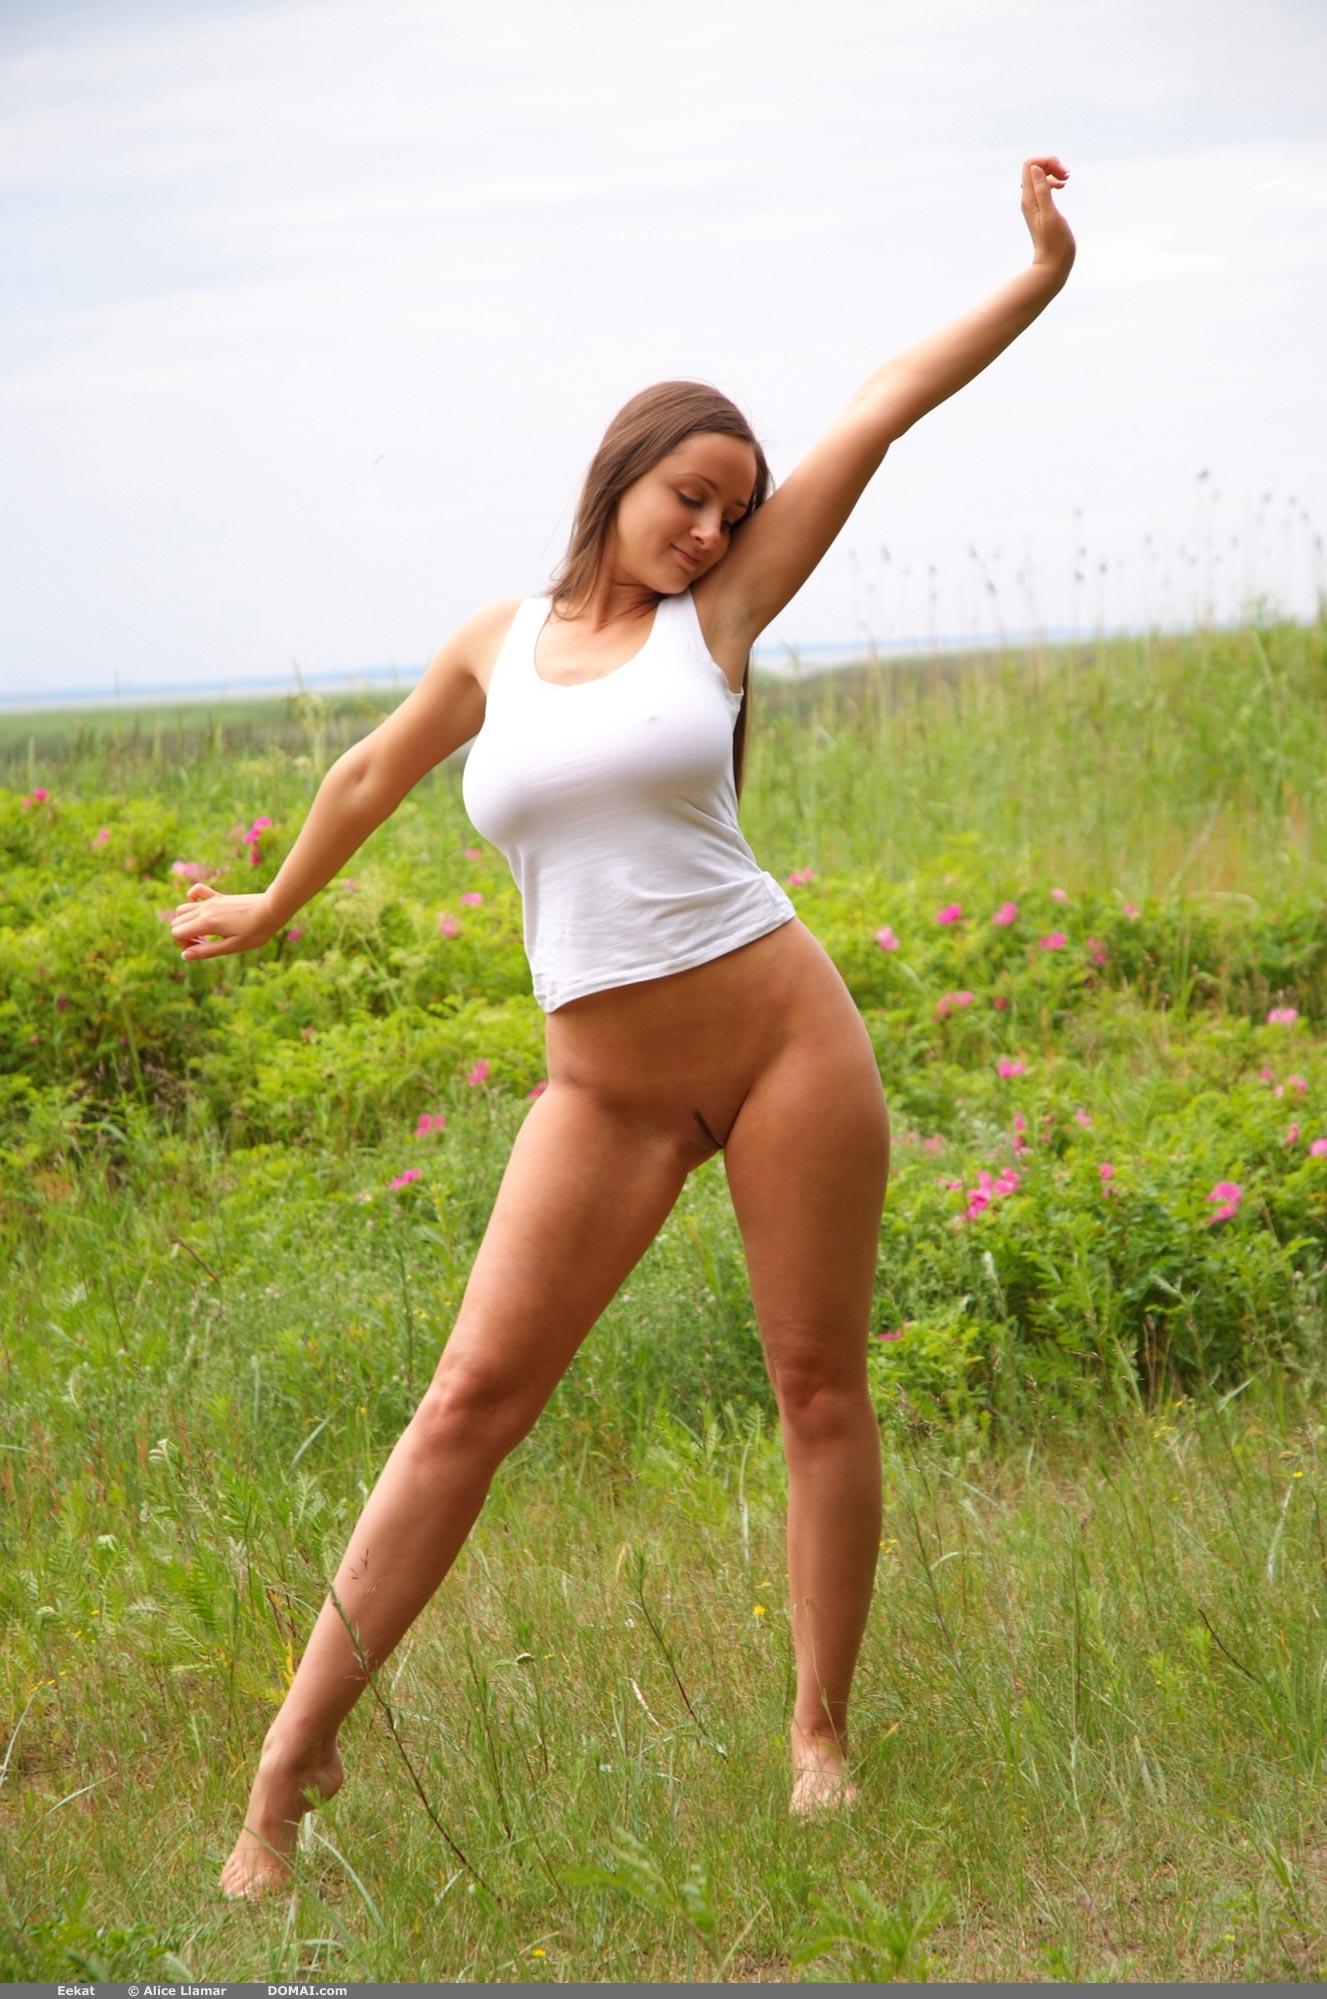 Eekat Playful Strip - NudesPuri.com